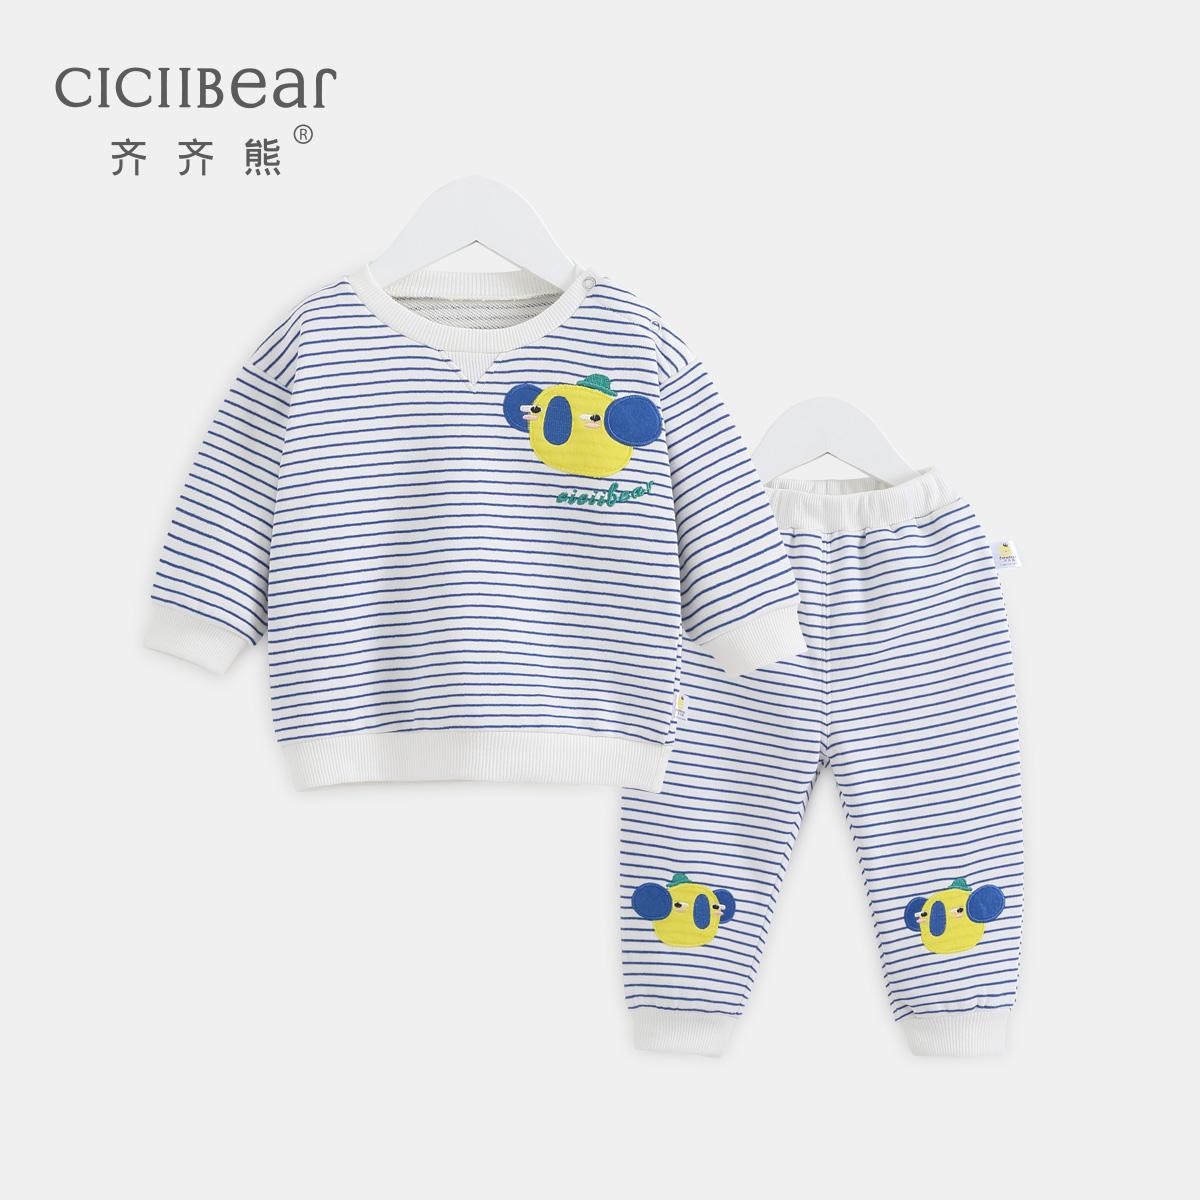 Одежда для младенцев Артикул 600315540822